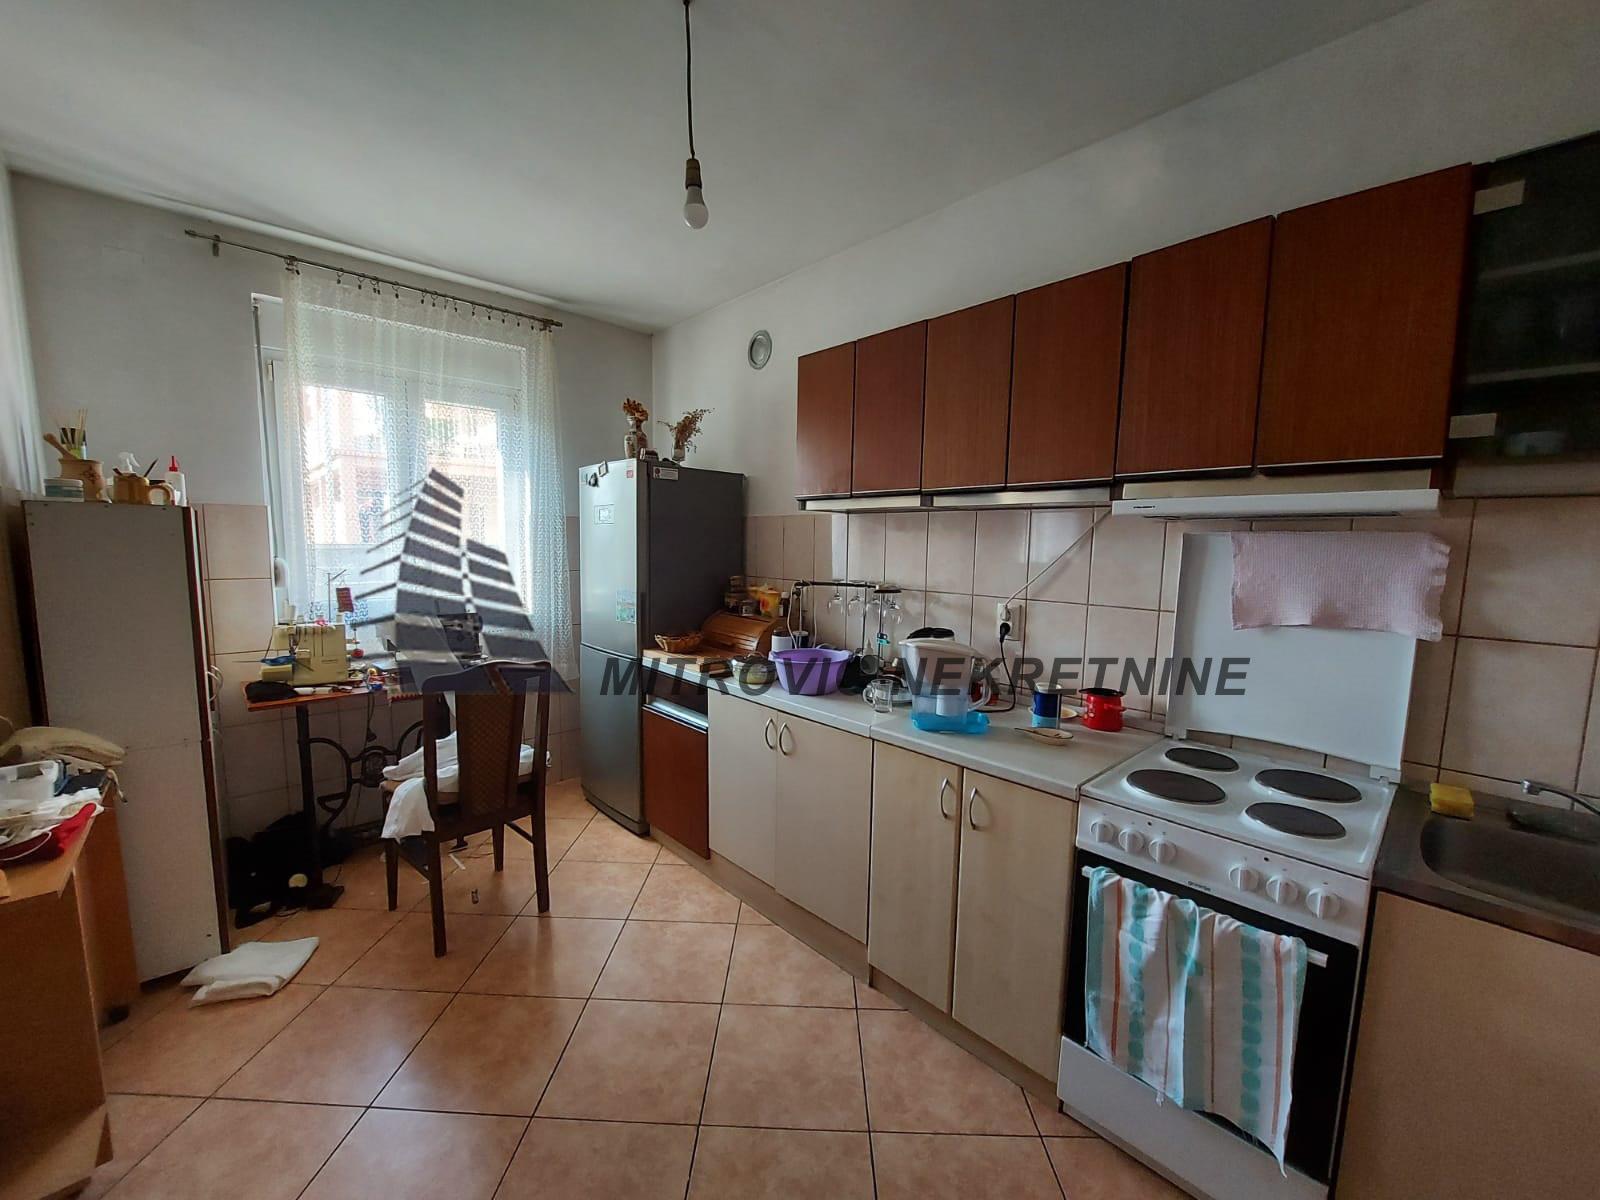 Kuća u Batajnici površine 254m2 na placu od 600m2